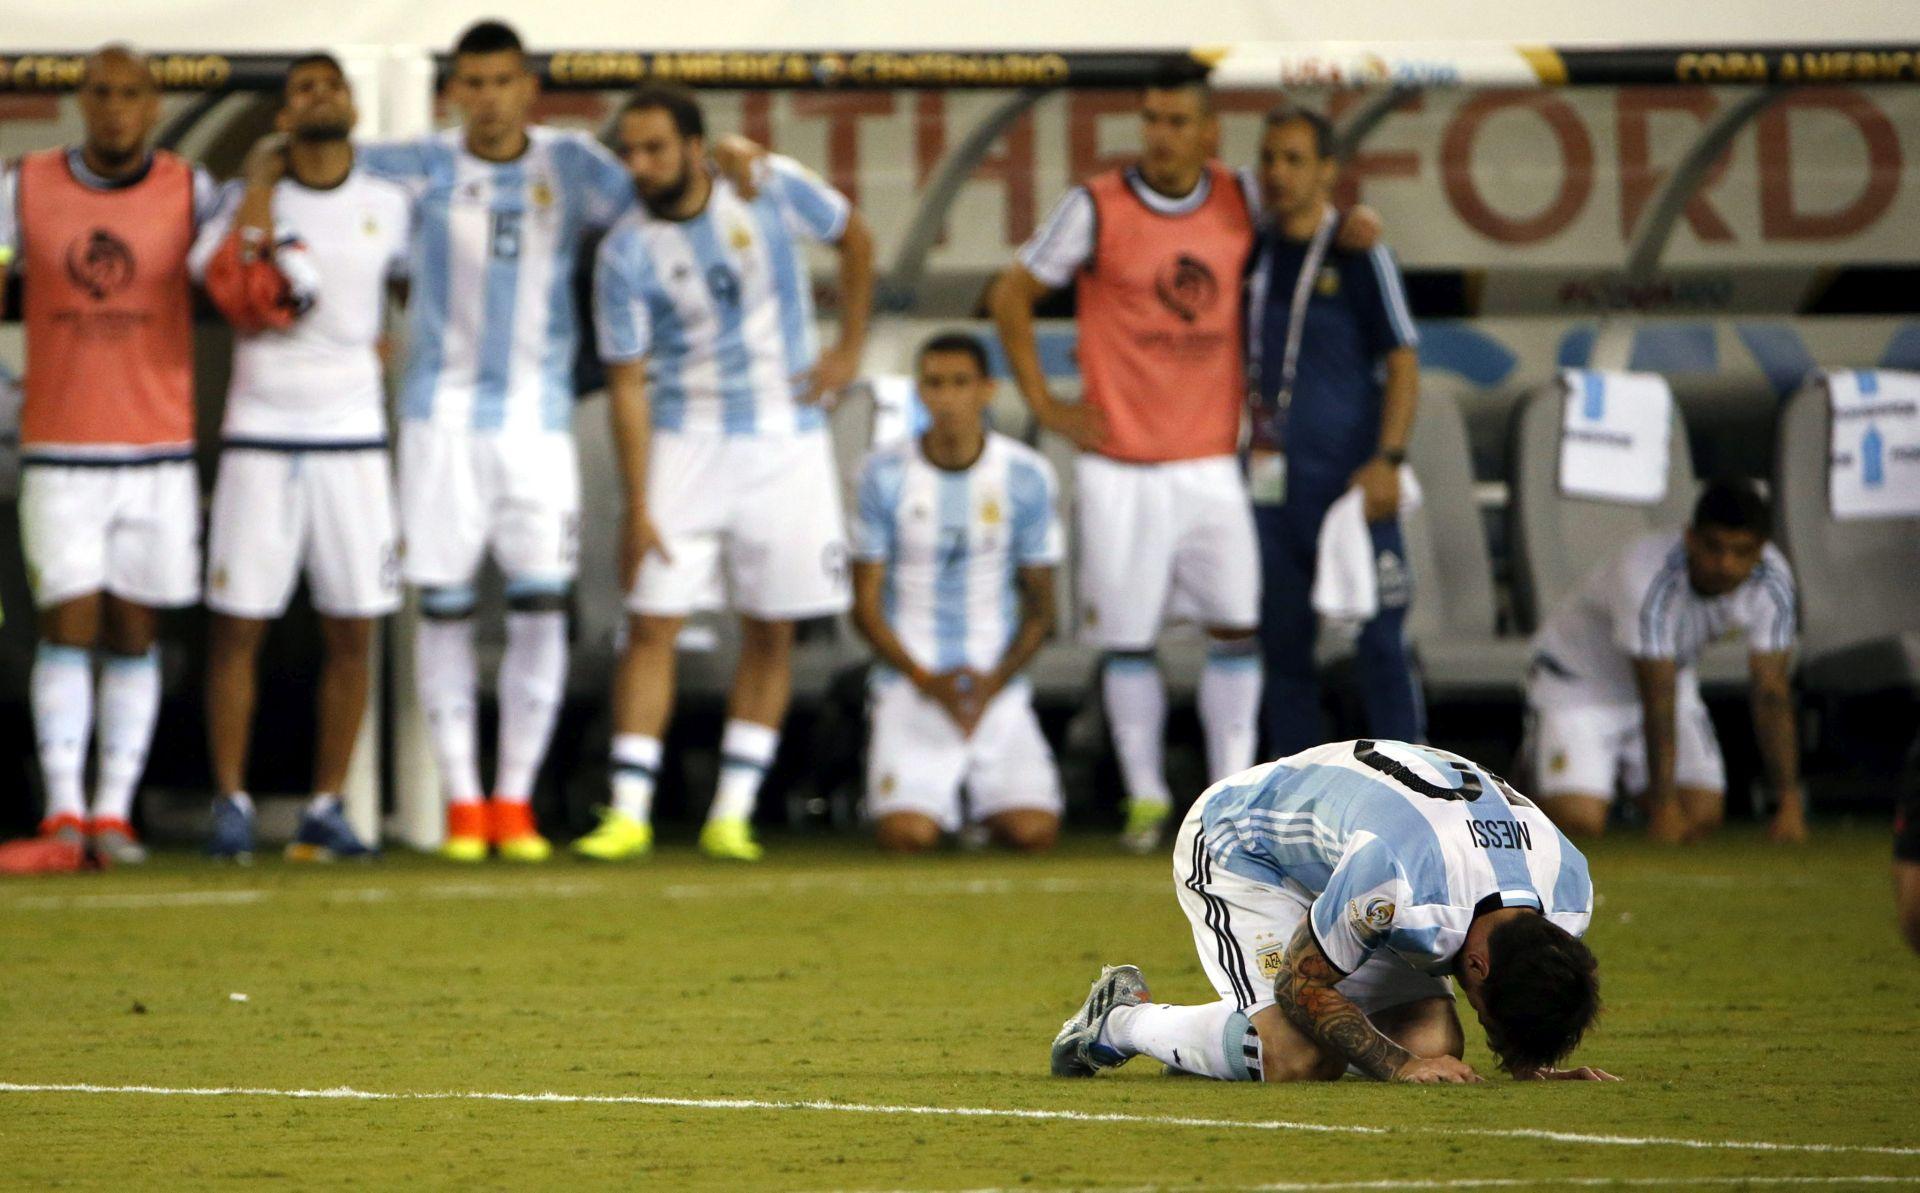 COPA AMERICA: Čile obranio naslov, Messi prestaje igrati za argentinsku reprezentaciju